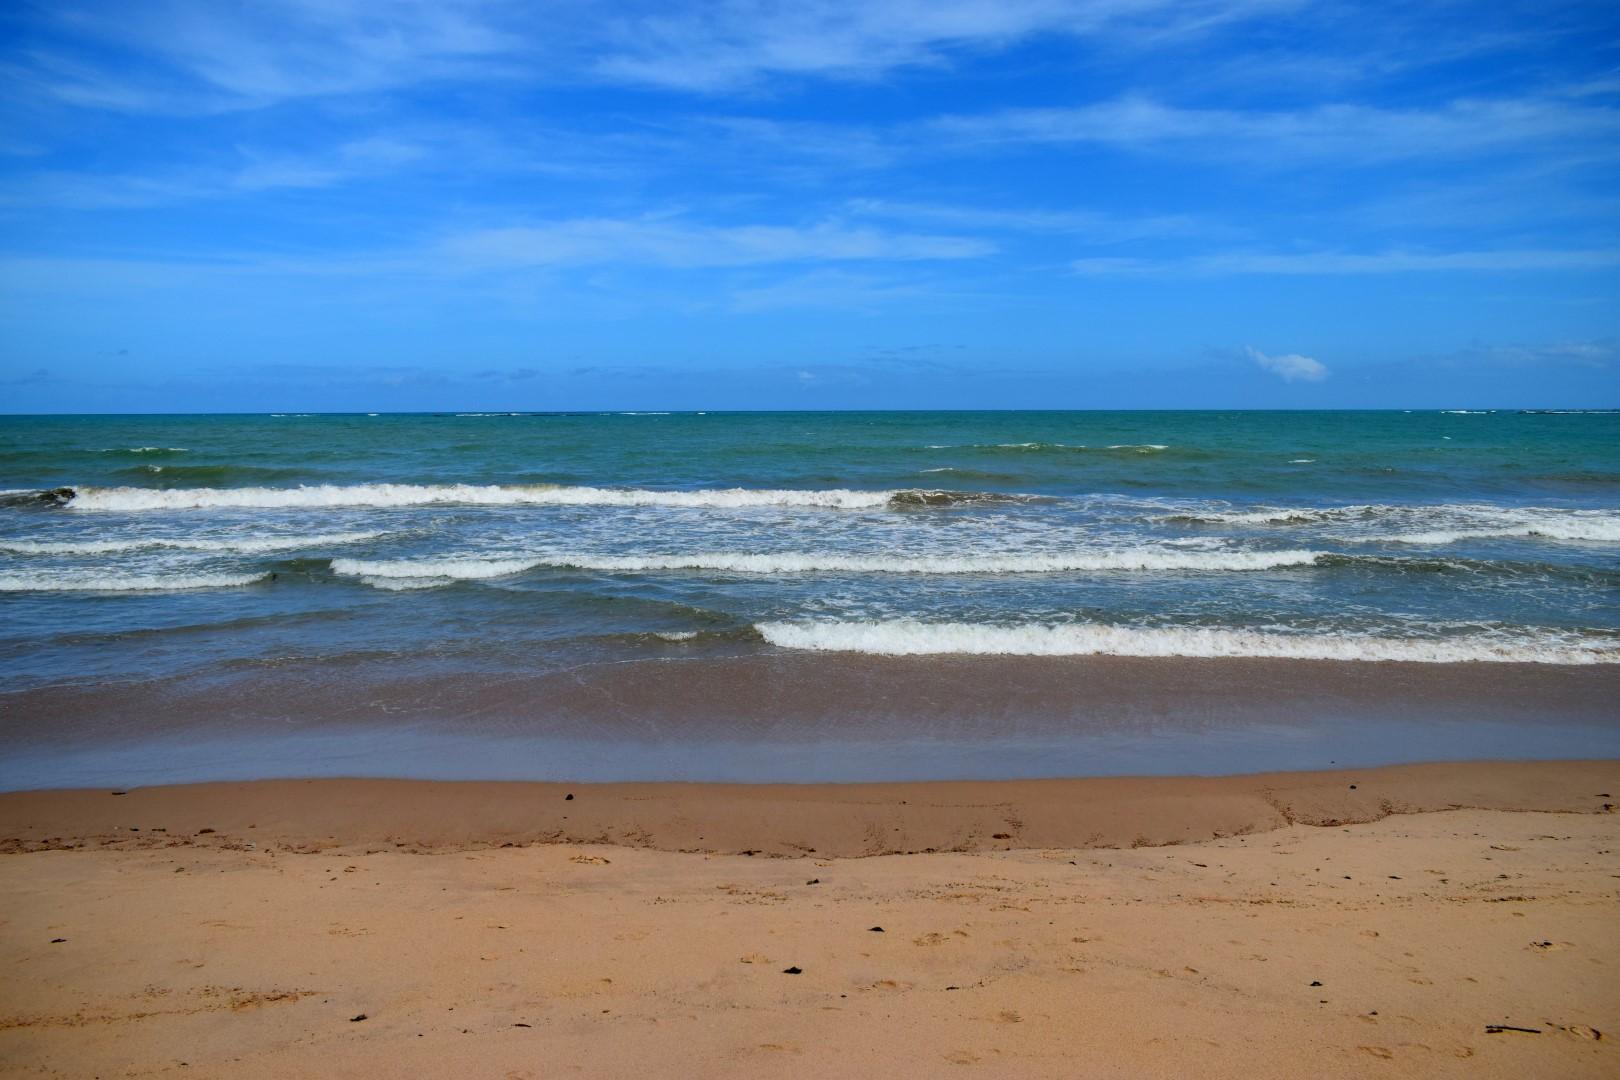 Praia de Cruz das Almas, Cruz das Almas, Maceió